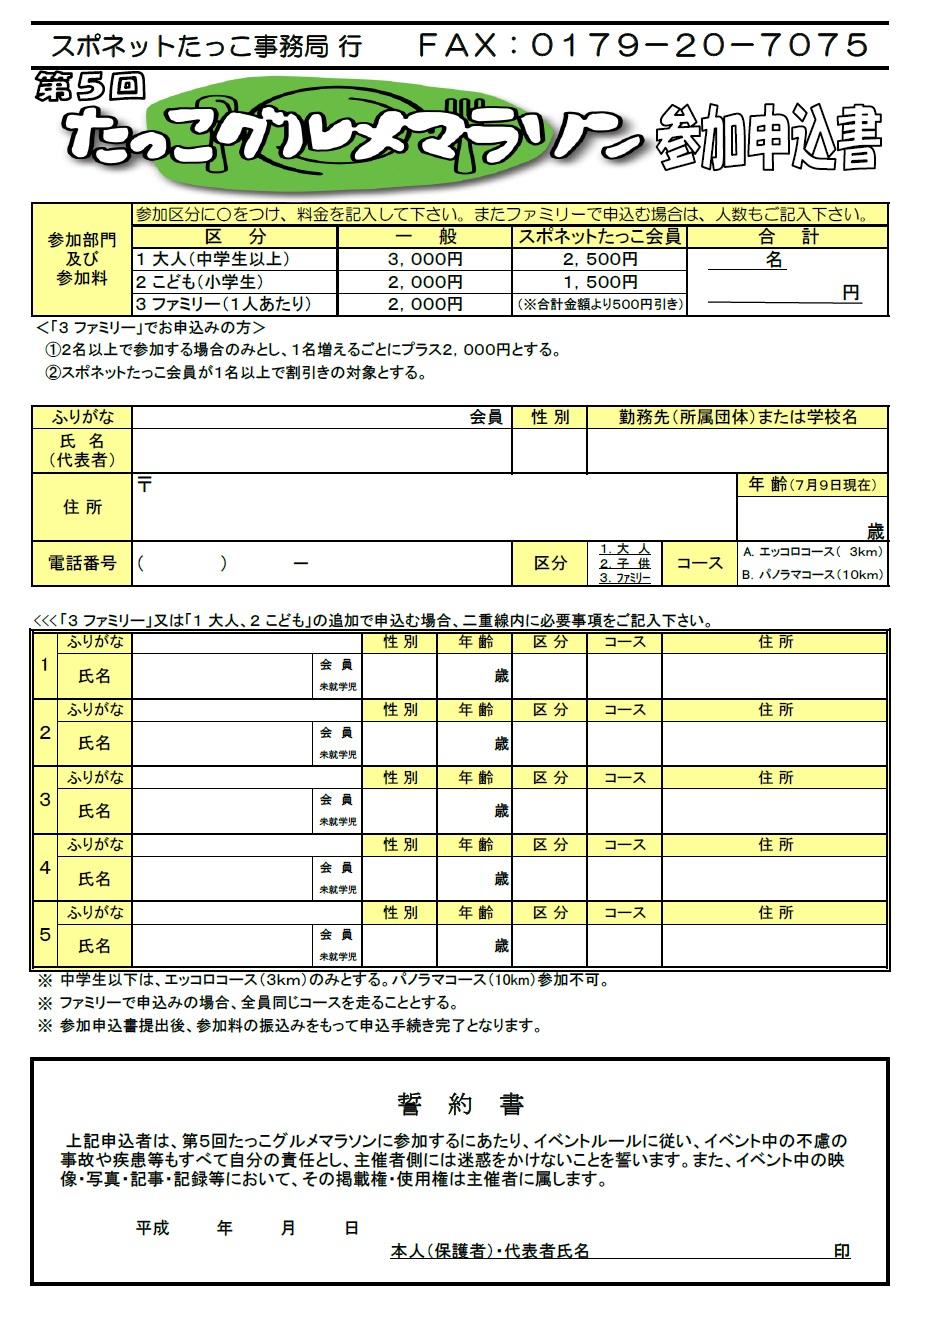 第5回 たっこグルメマラソン参加申込書